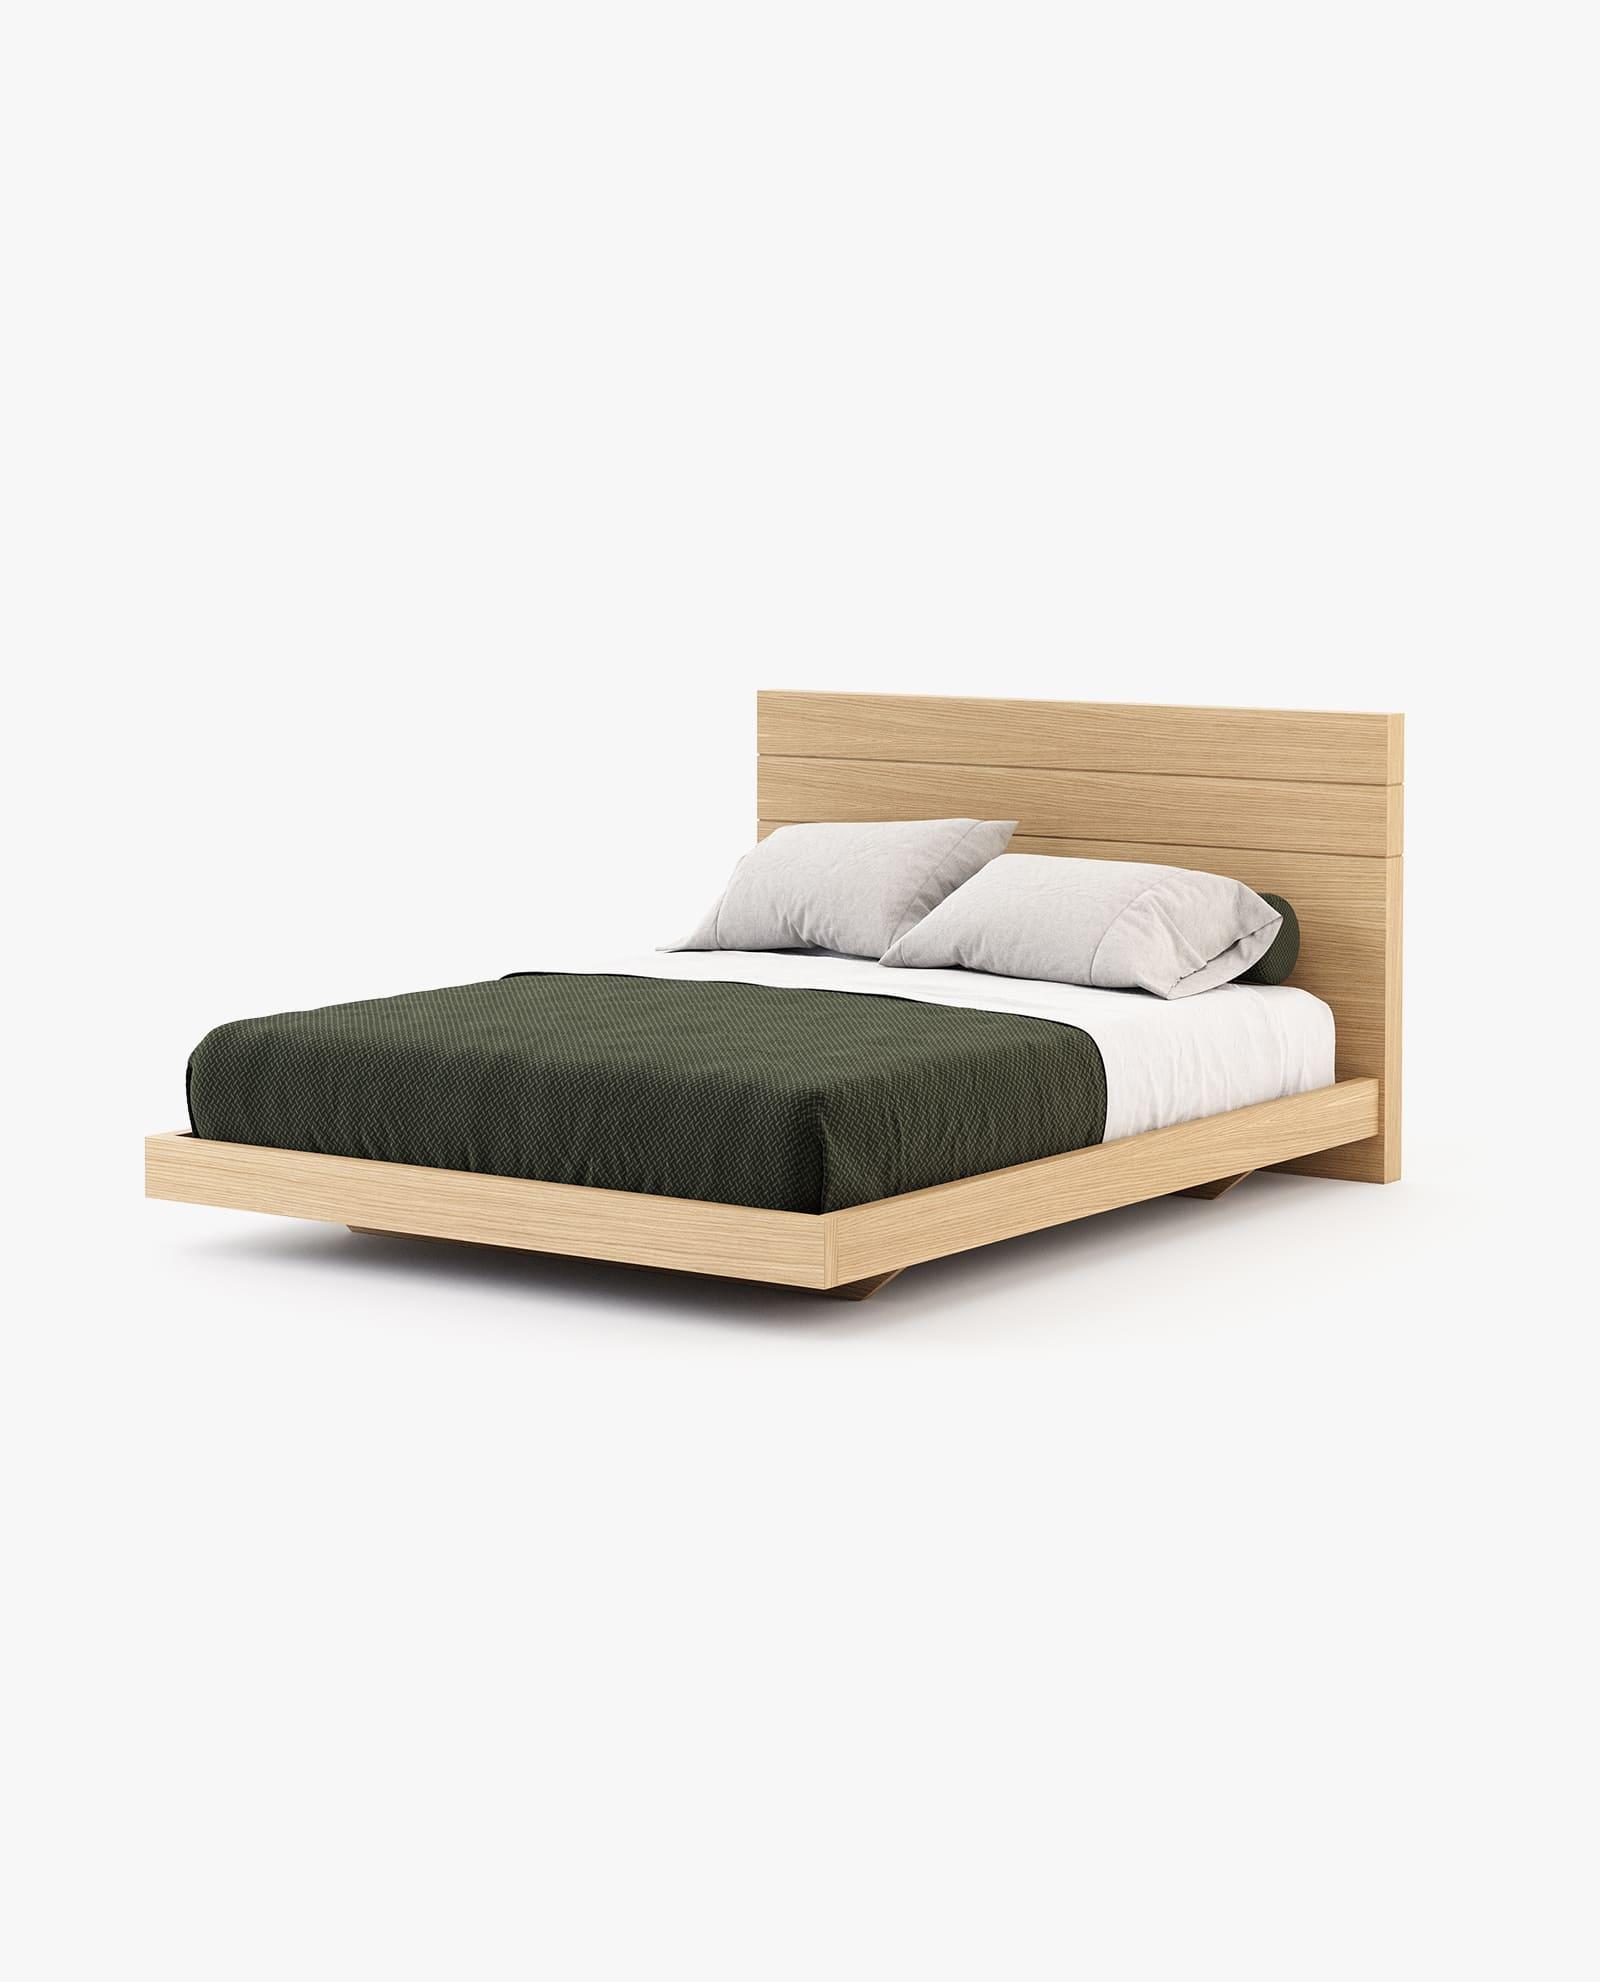 cama em madeira de carvalho natural